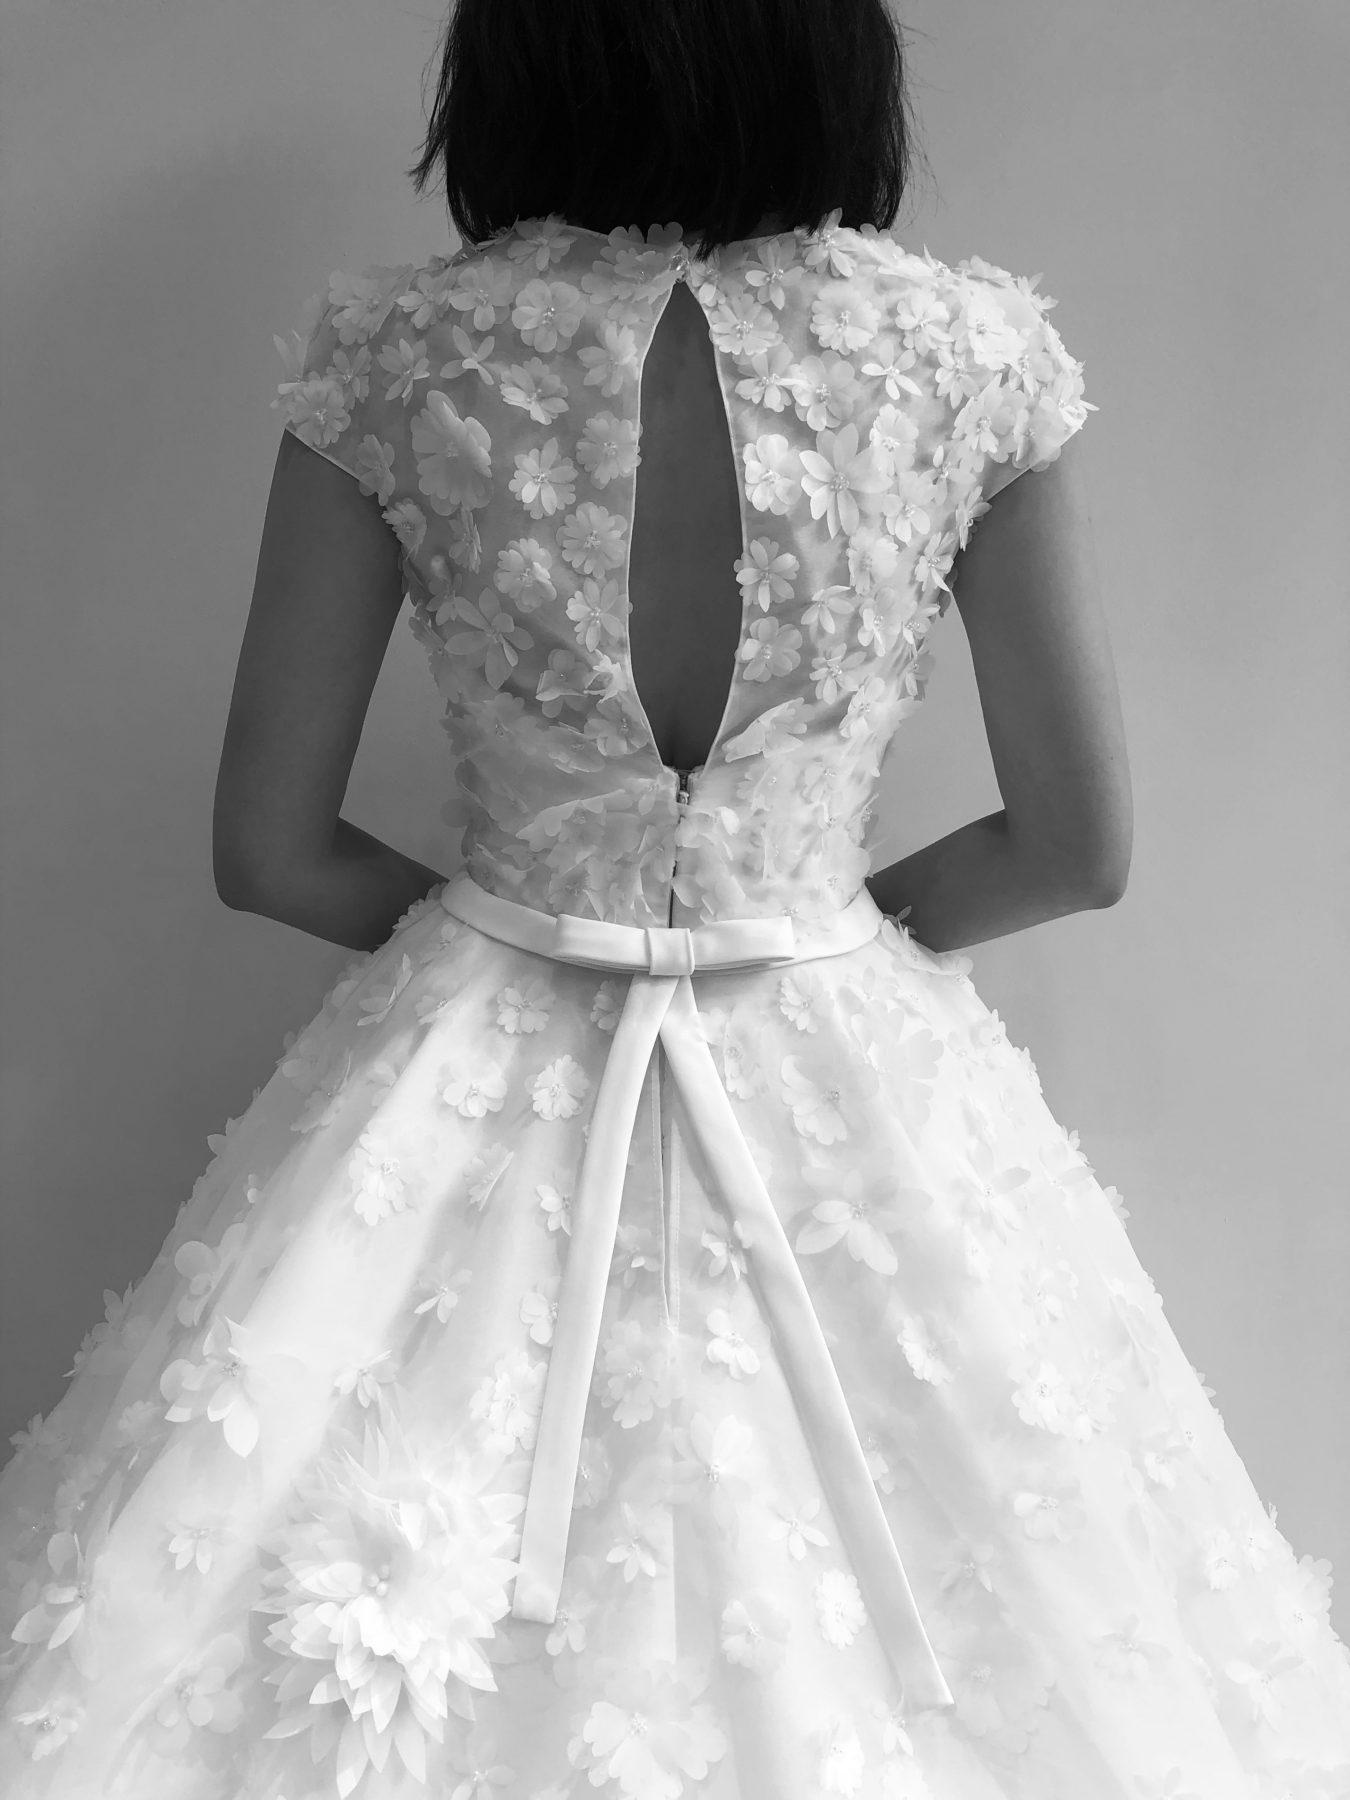 Aライン ボリューム ウェディングドレス